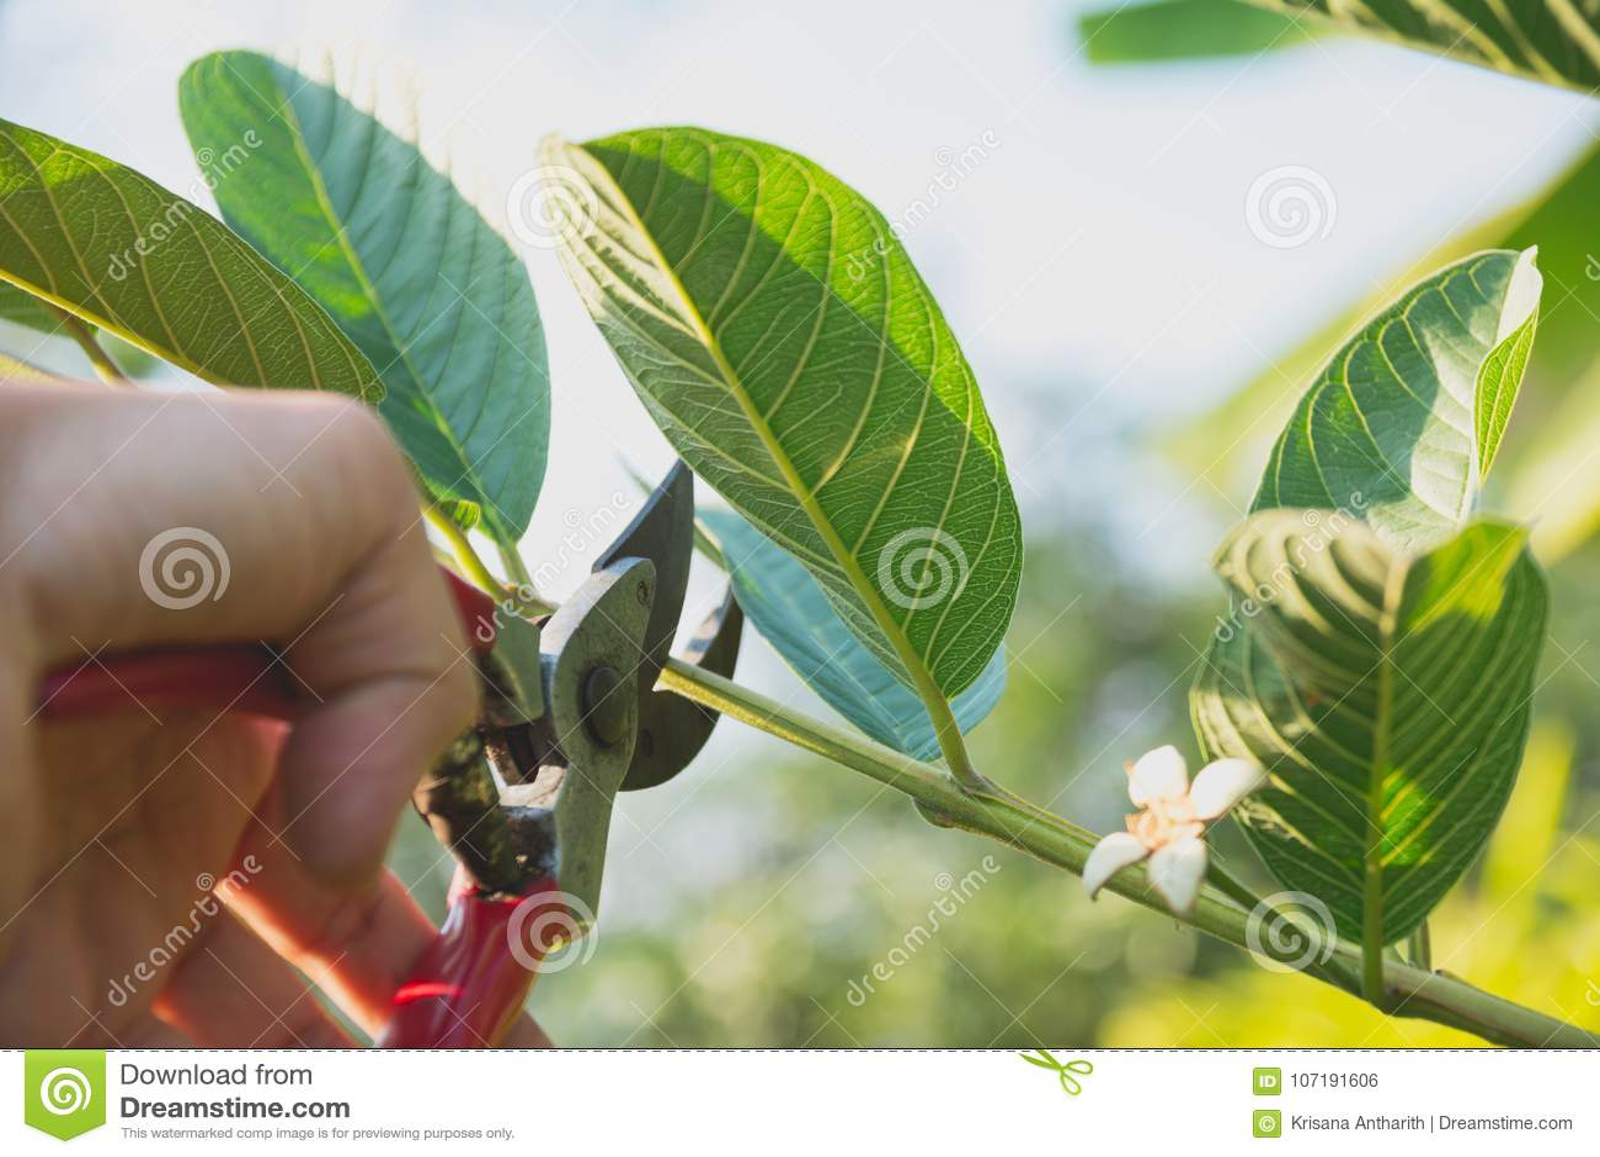 Ogrodniczka przycina drzewa z przycinać strzyżenia na natury tle